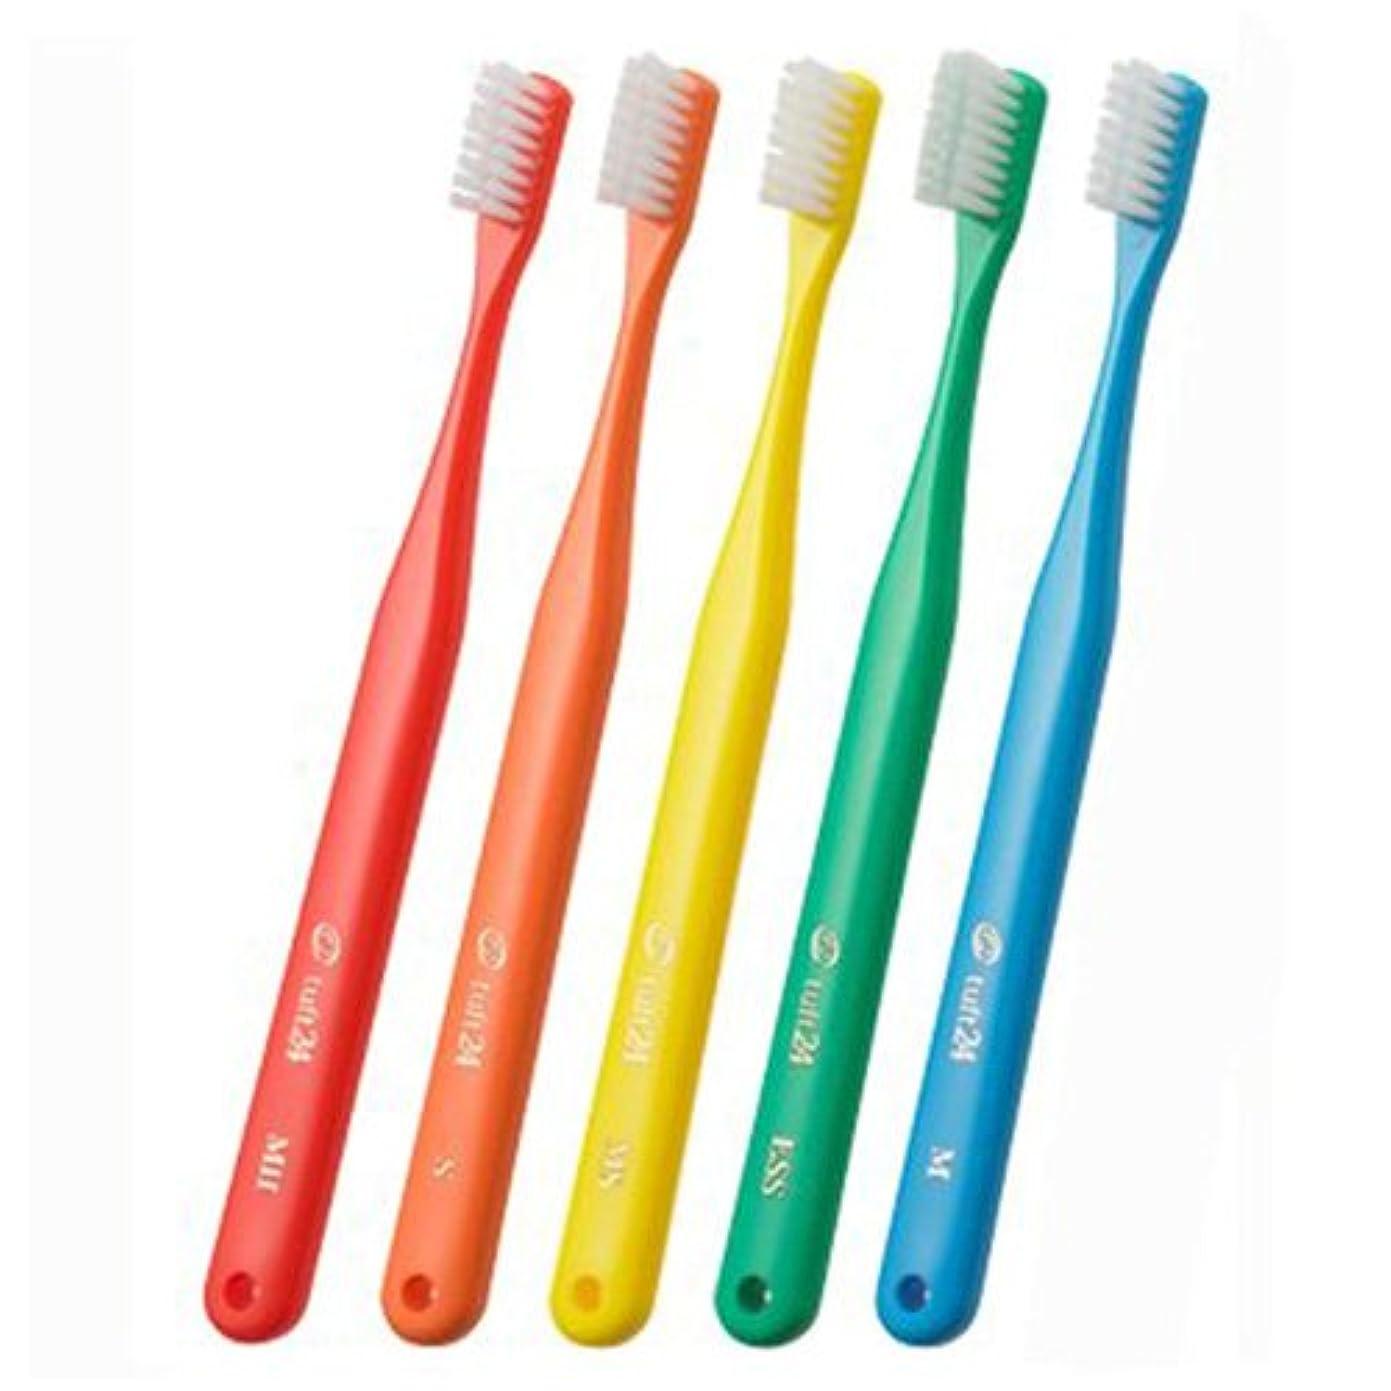 オーラルケア タフト24 一般成人用 3列歯ブラシ 10本セット  MH(ミディアムハード) グリーン